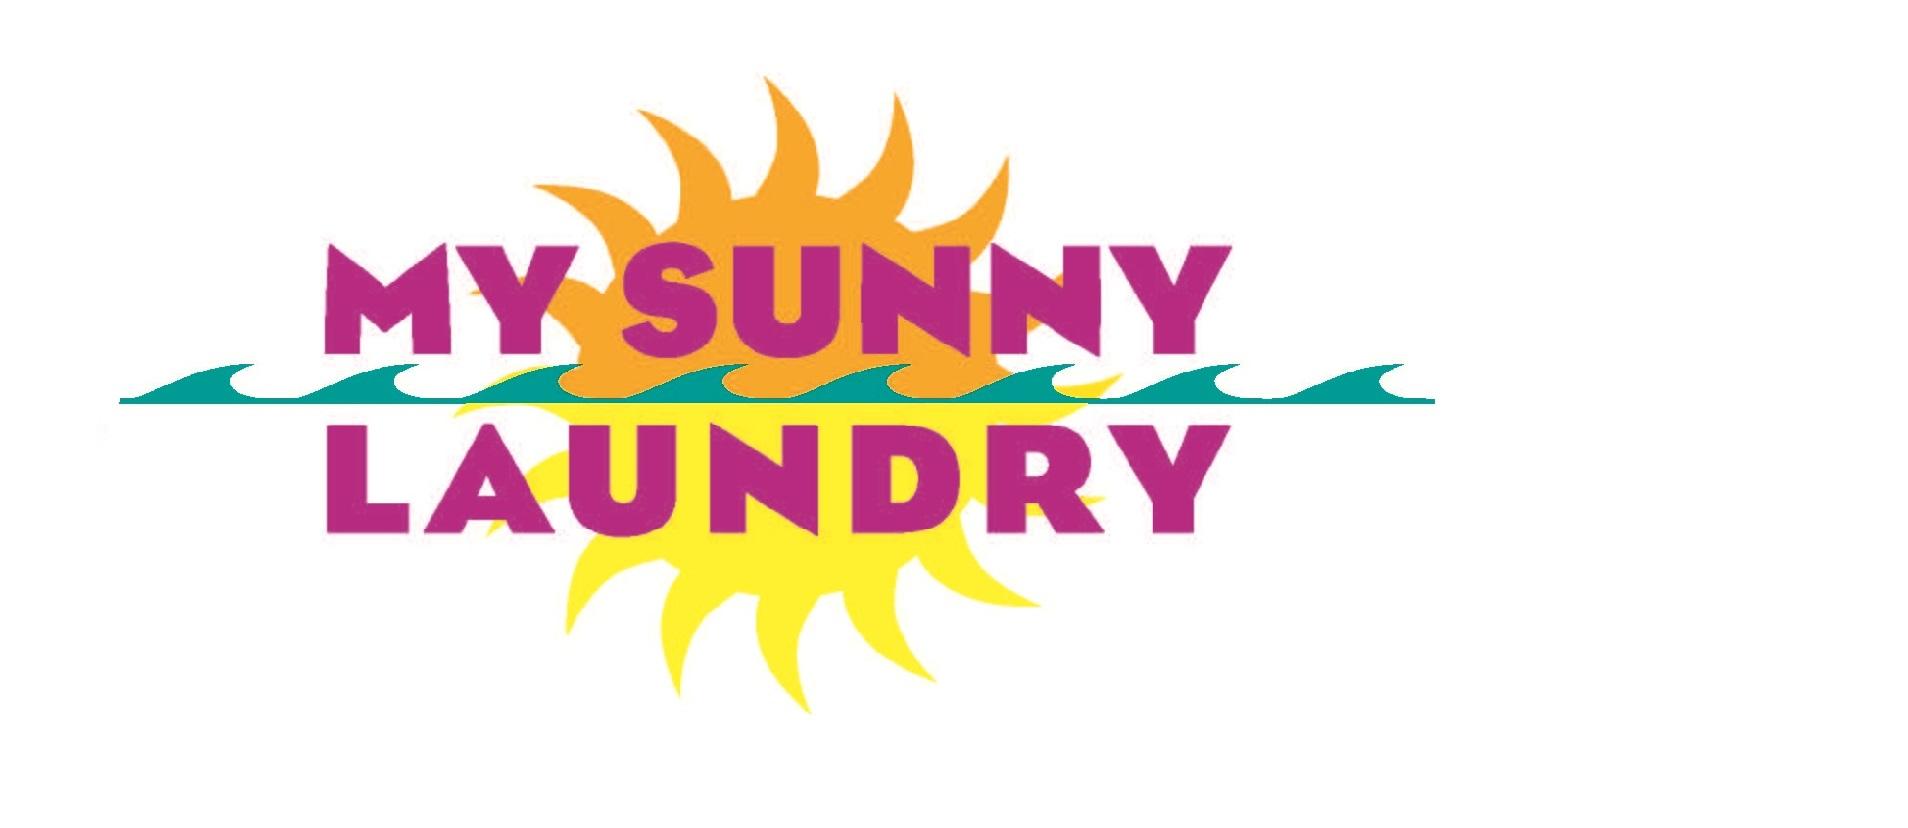 My Sunny Laundry